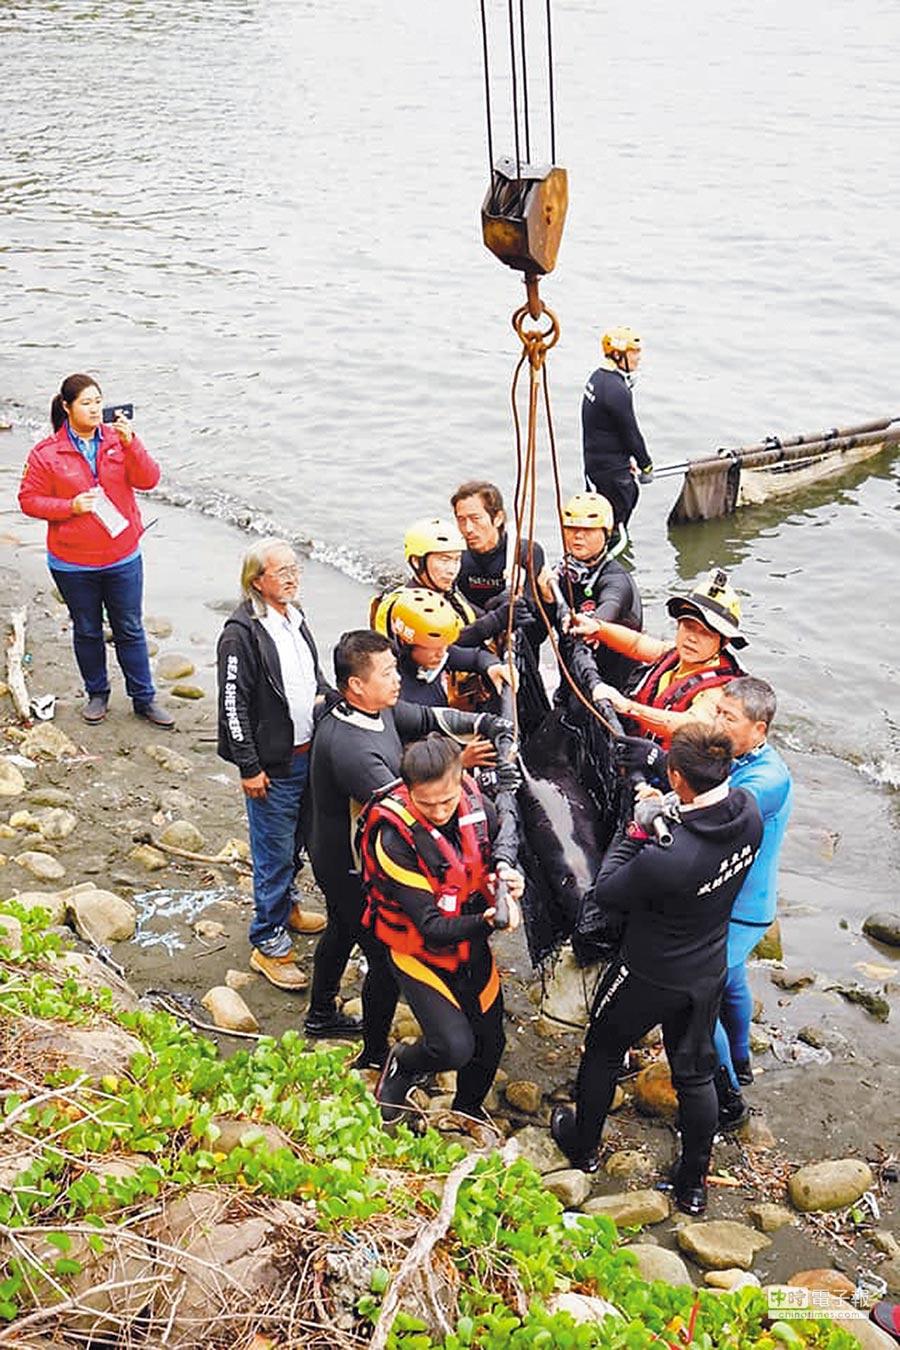 擱淺高雄港受困的3隻小虎鯨獲救卻宣告不治,而且都瘦成皮包骨。(成大海洋生物及鯨豚研究中心提供)